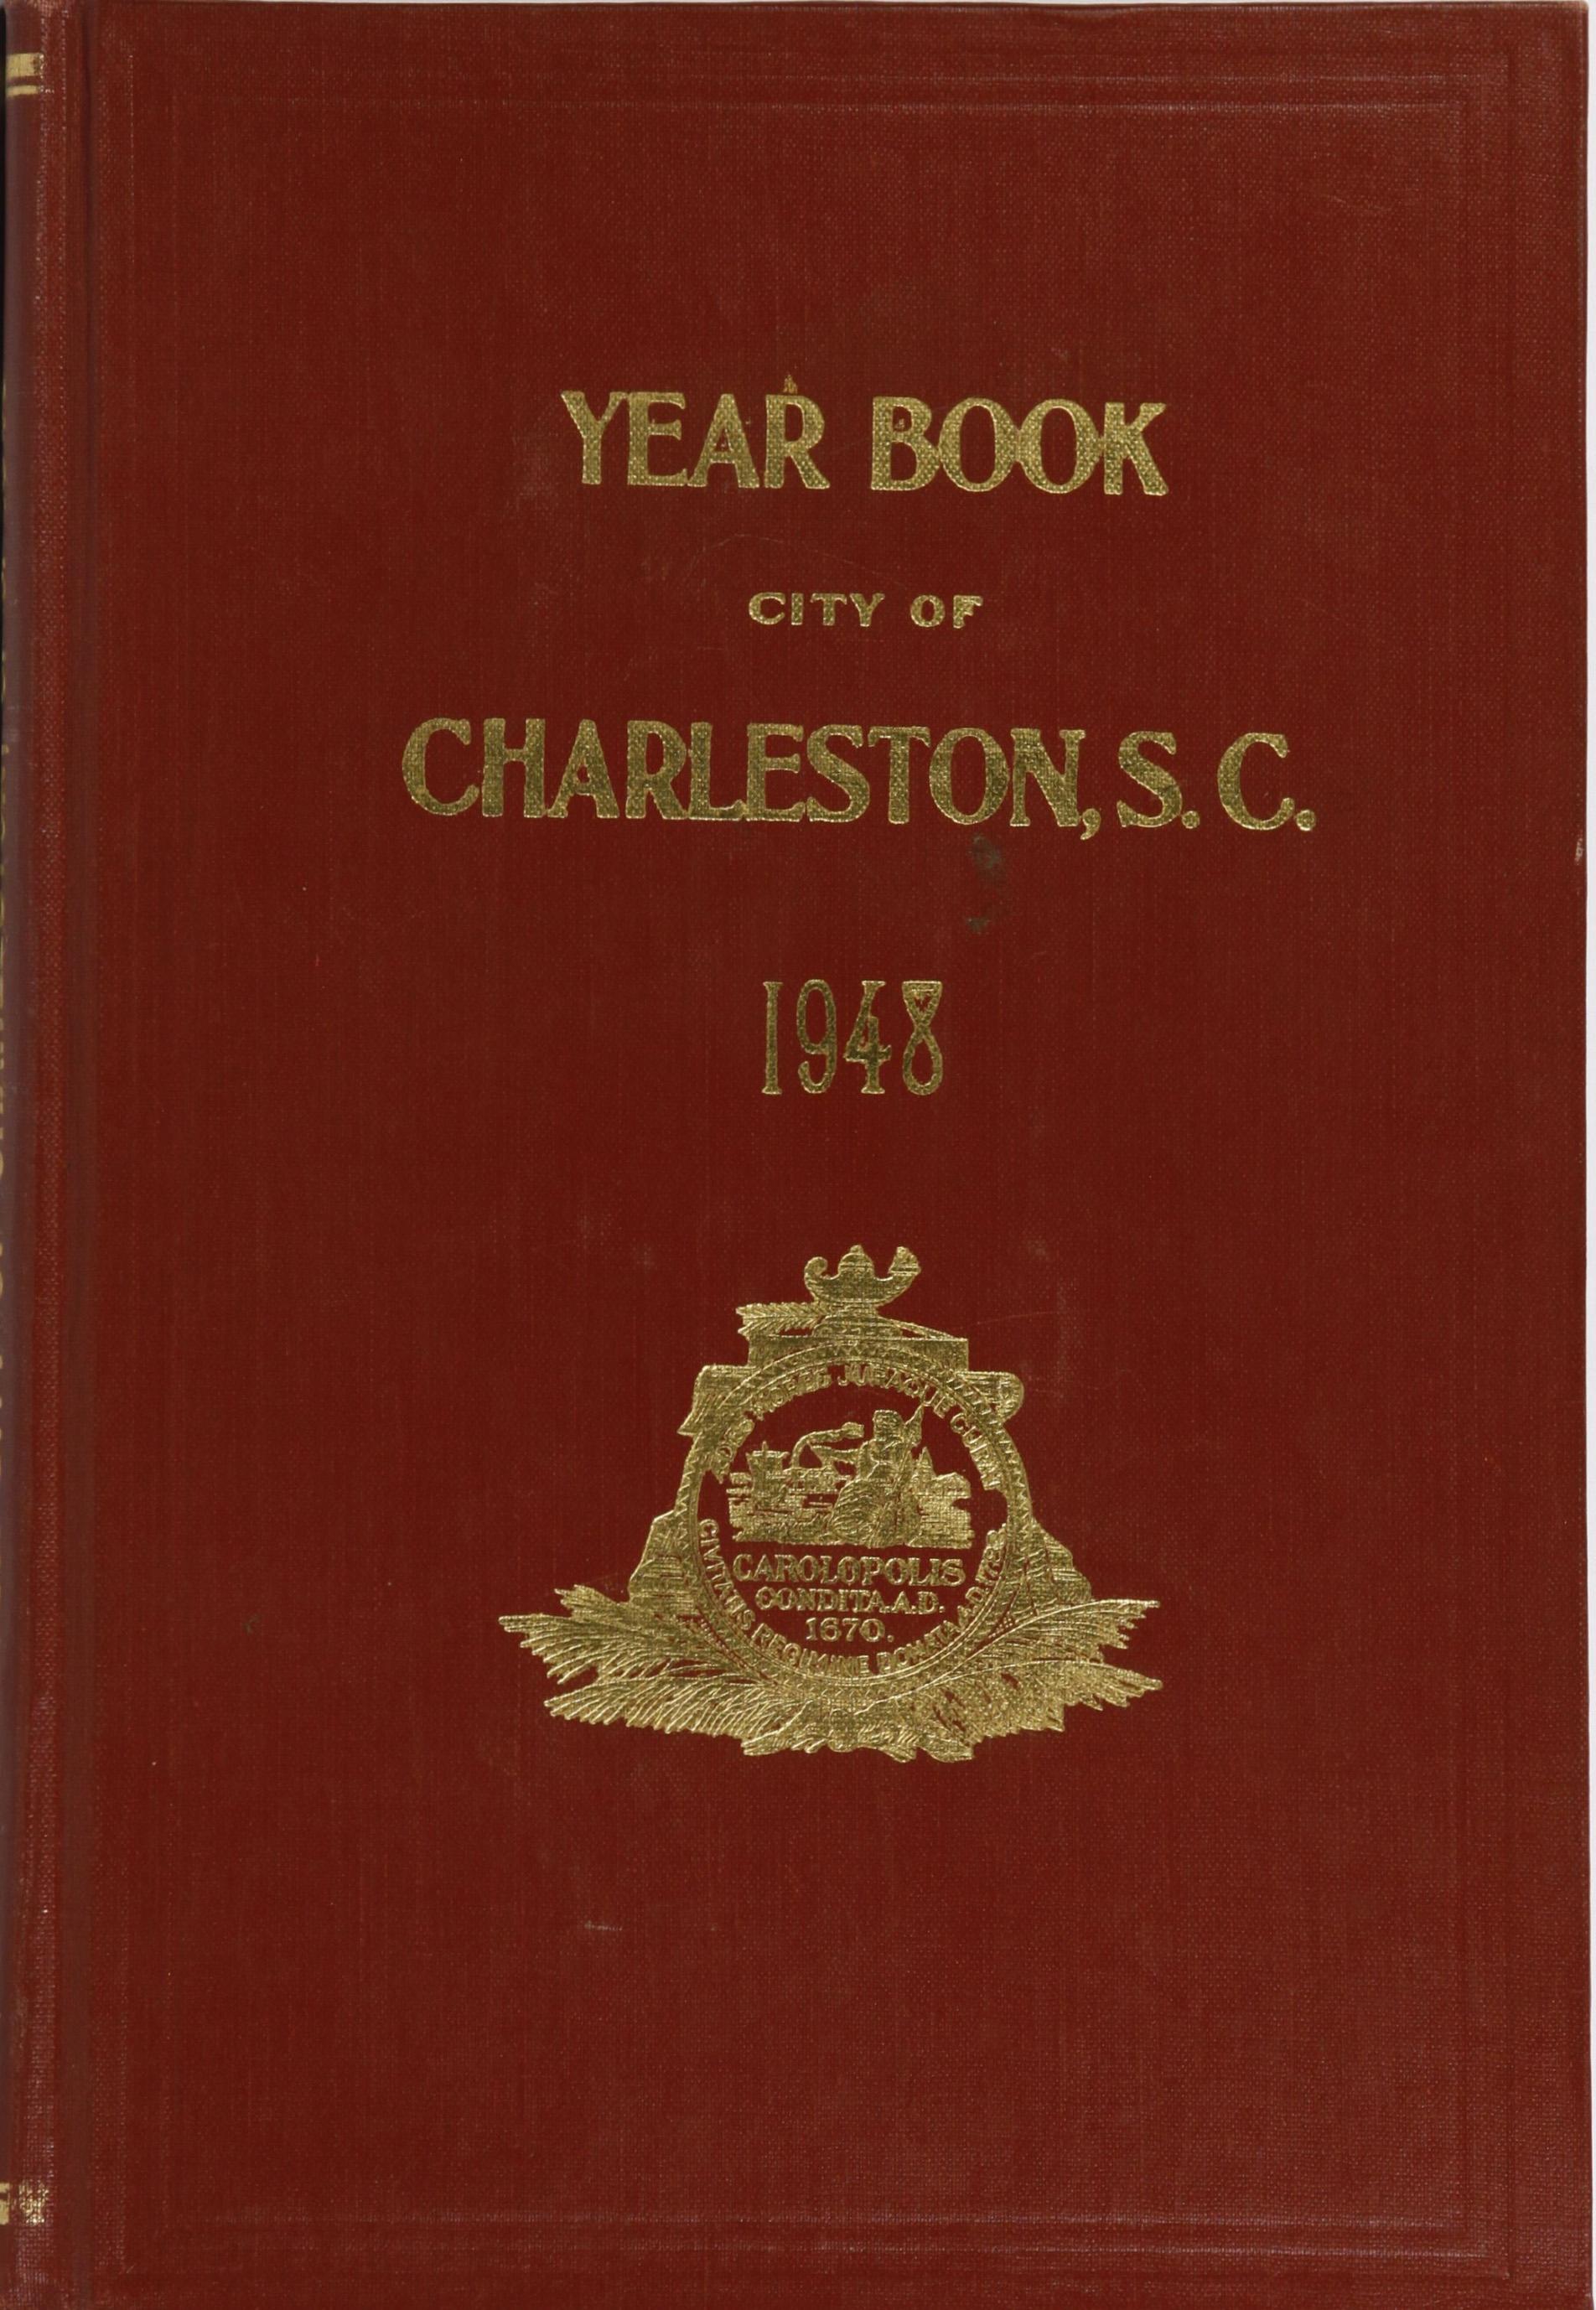 Charleston Yearbook, 1948